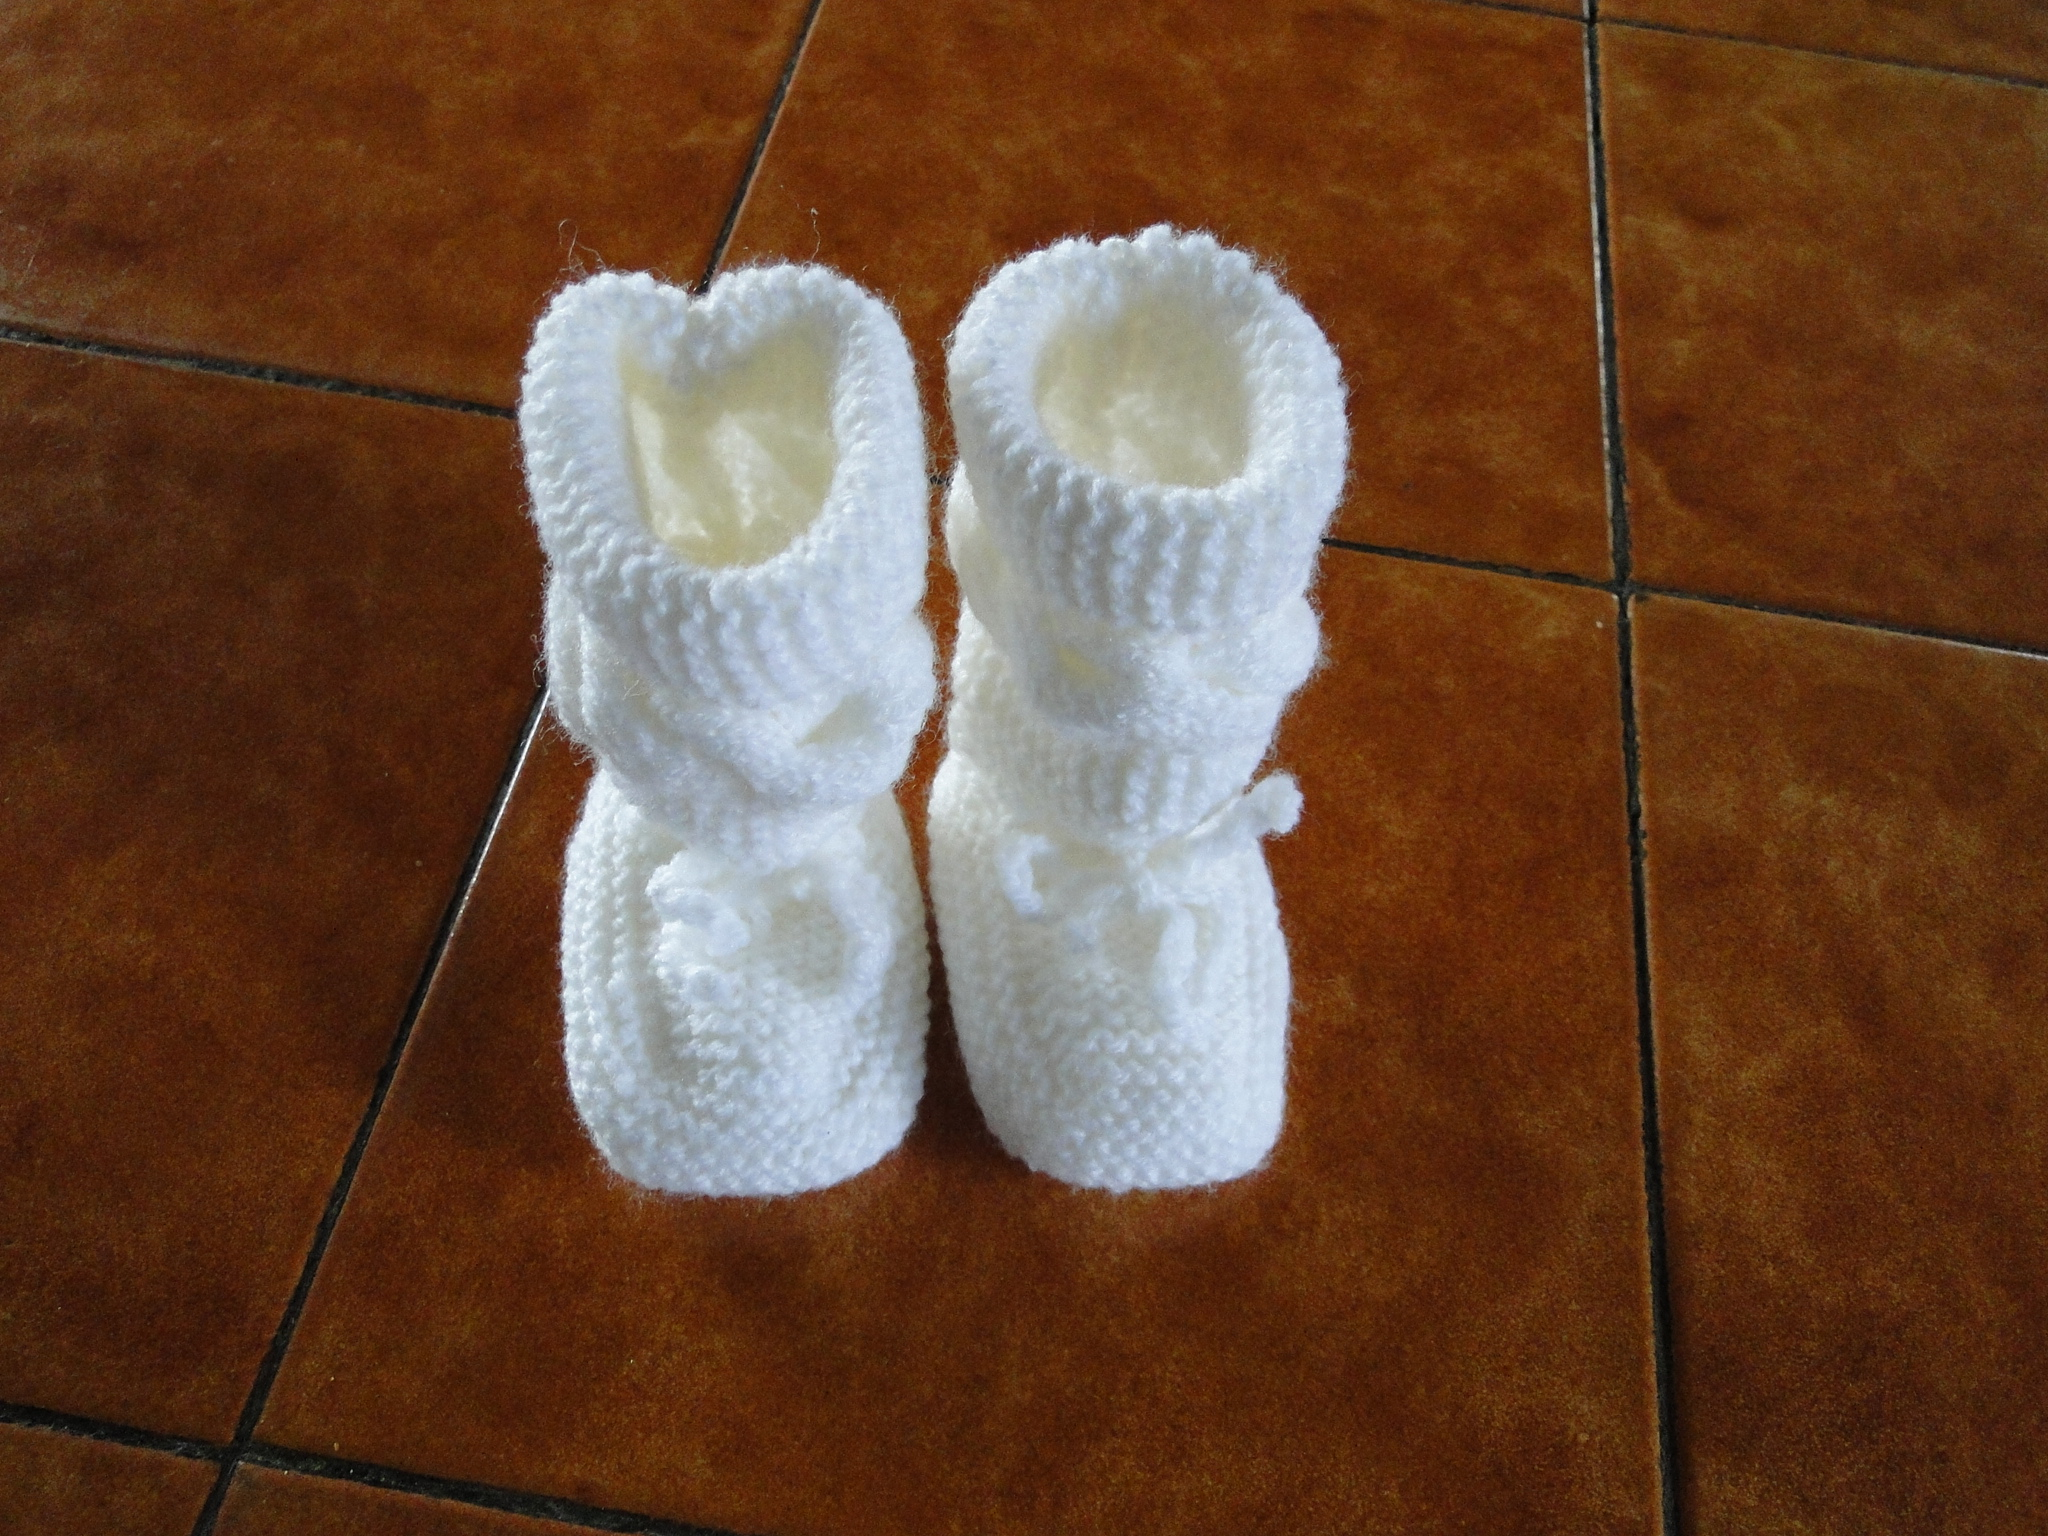 65b3a71de23a Chausson-bottine pour bébé   Chaussons au tricot